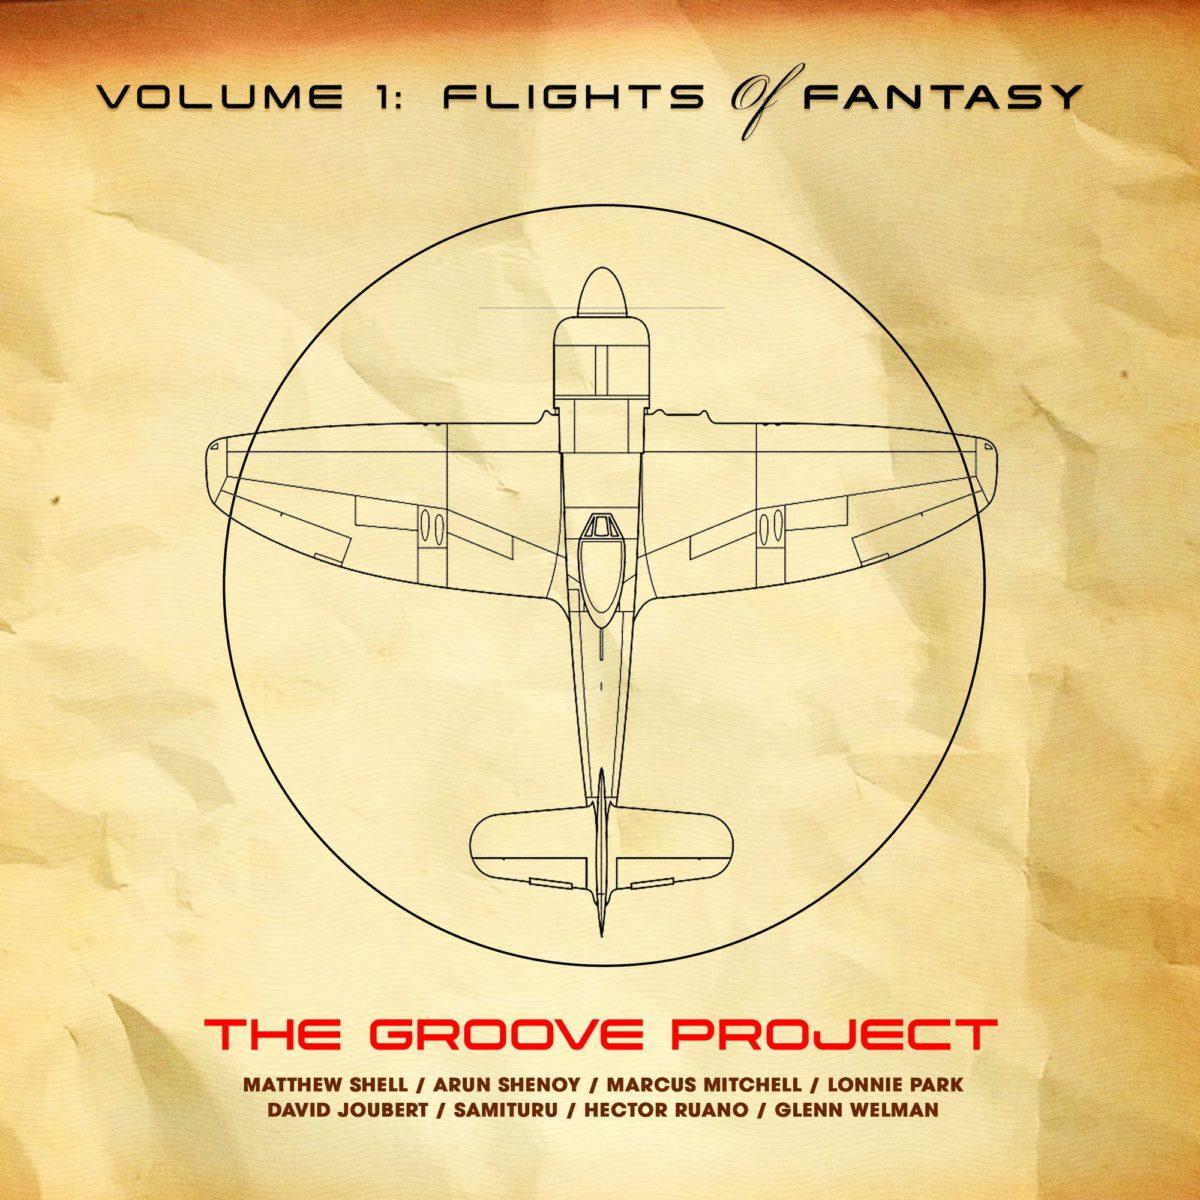 Flights of Fantasy - Cover Art 2000 px